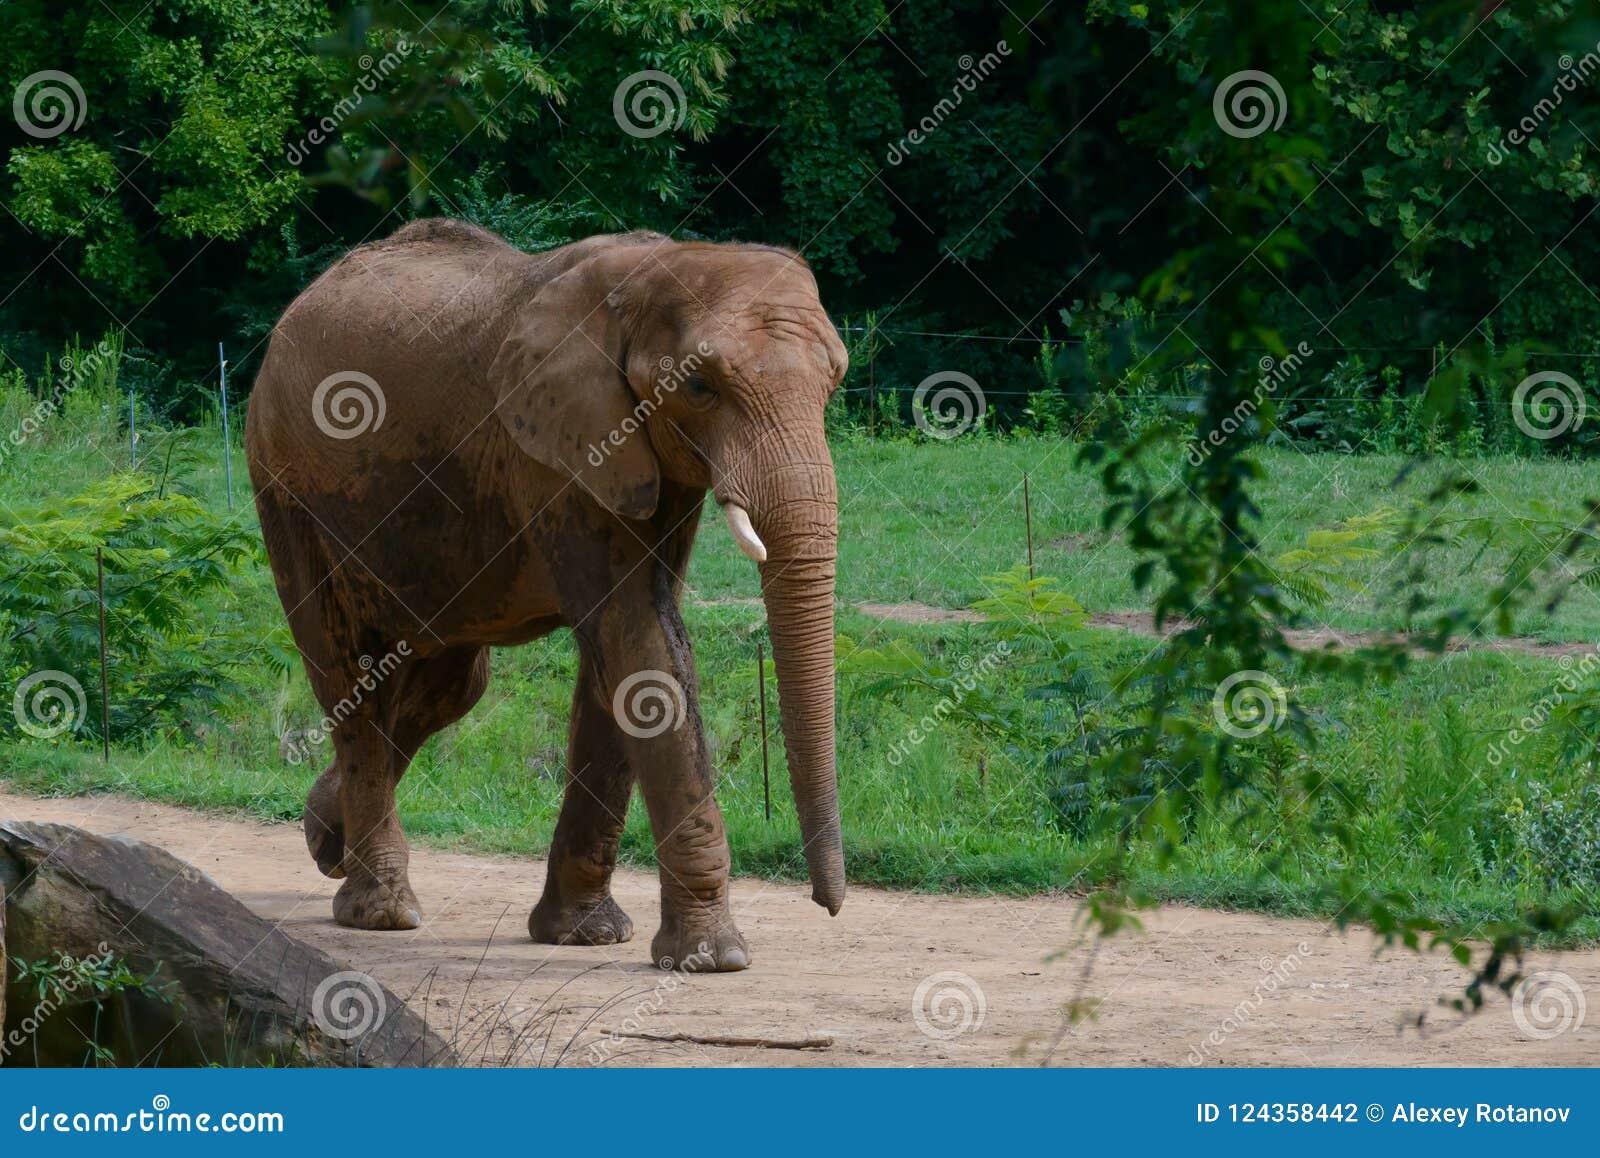 Großer Elefant im Waldhintergrund